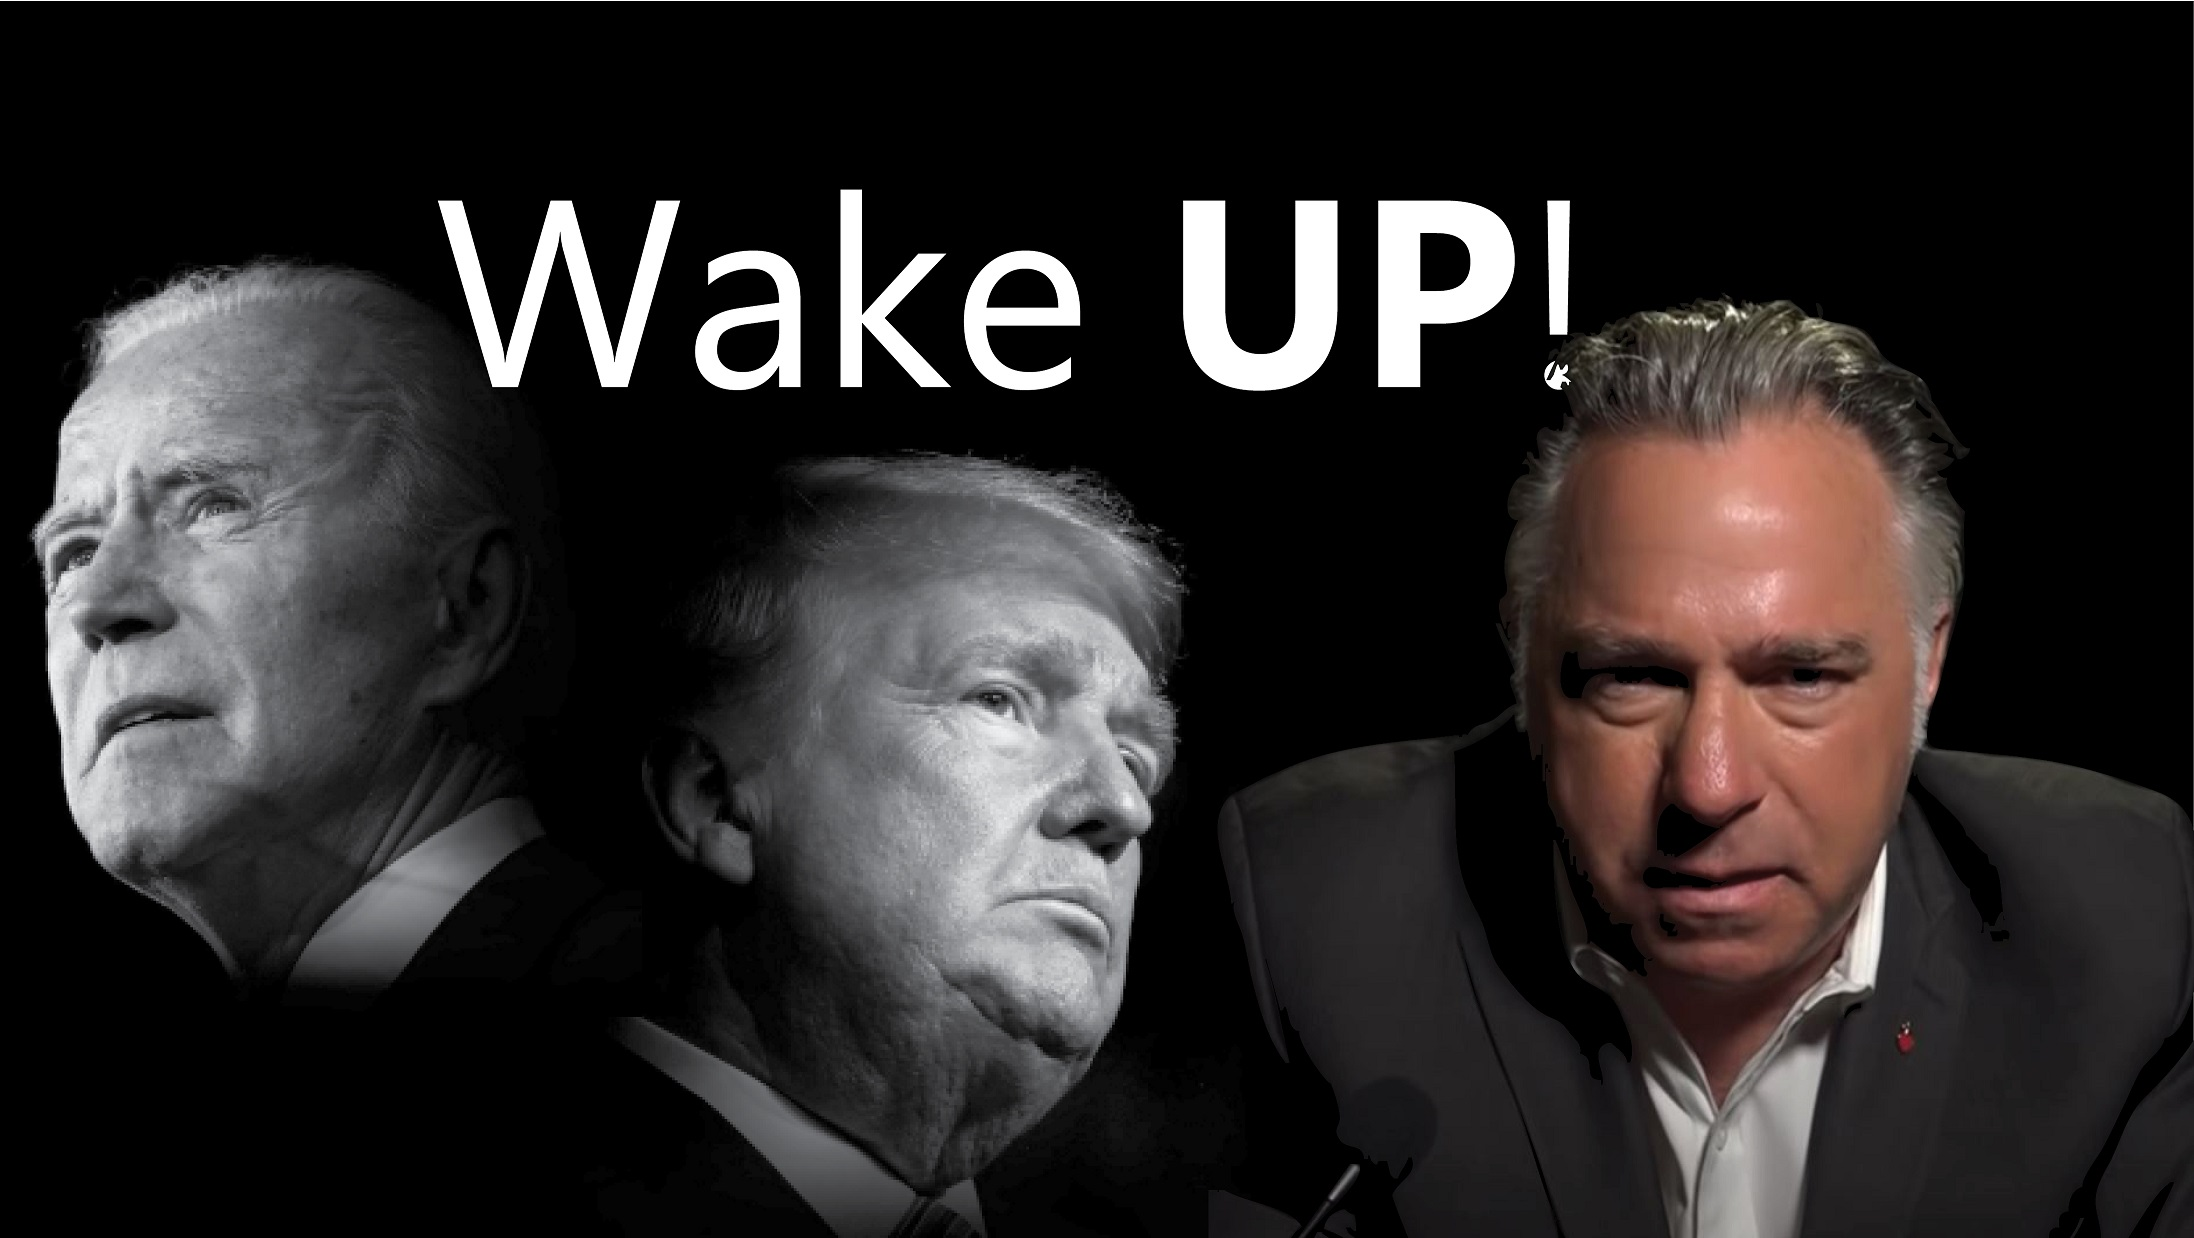 wake up thumbnail